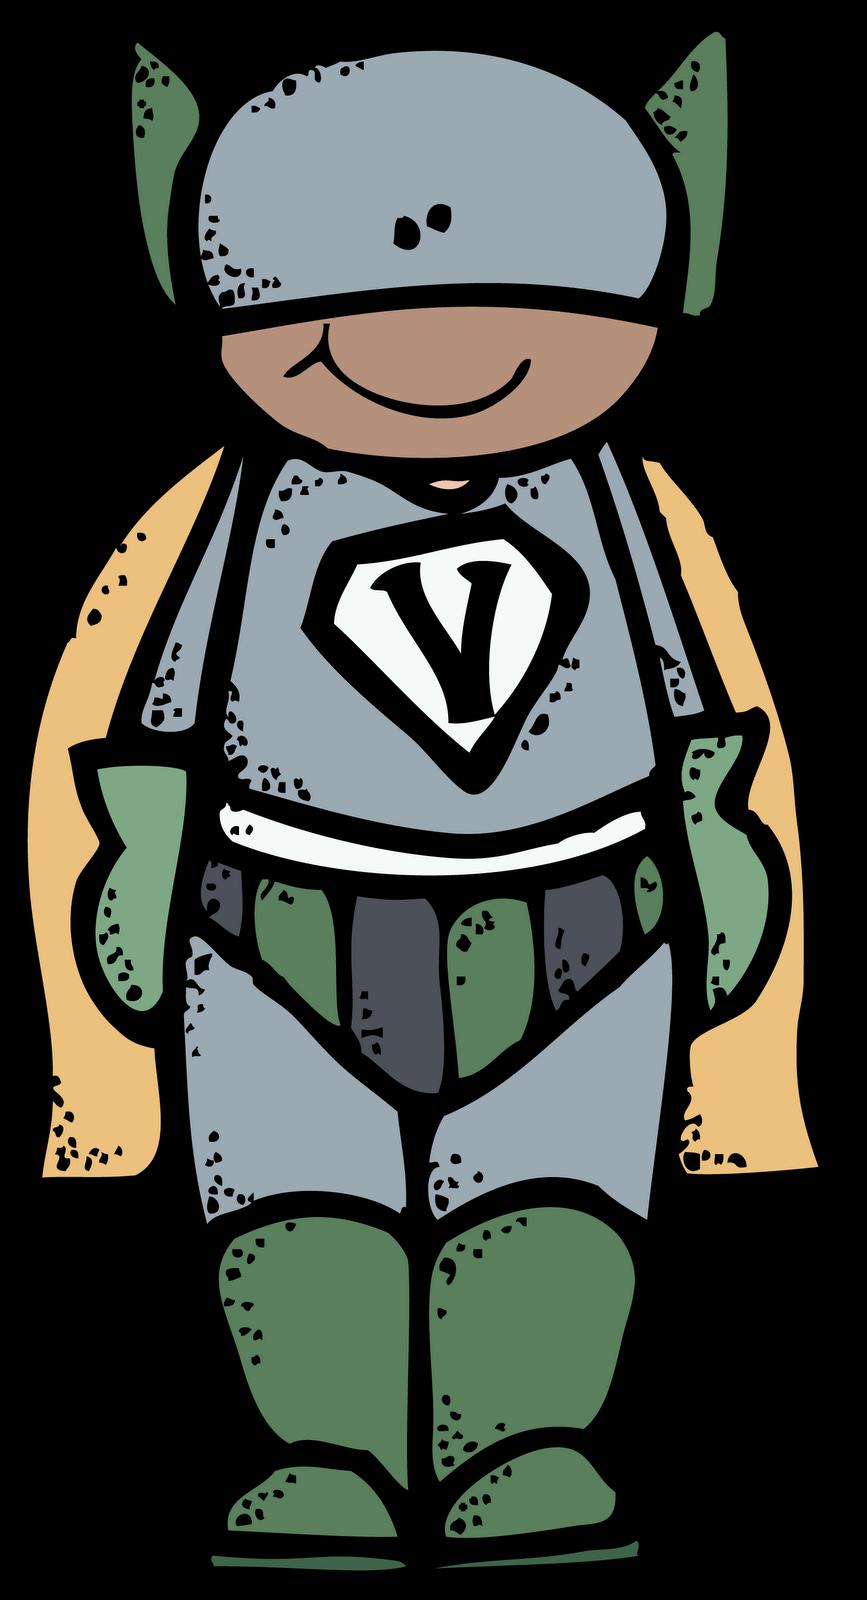 Kindergarten clipart superhero. Great site with loads